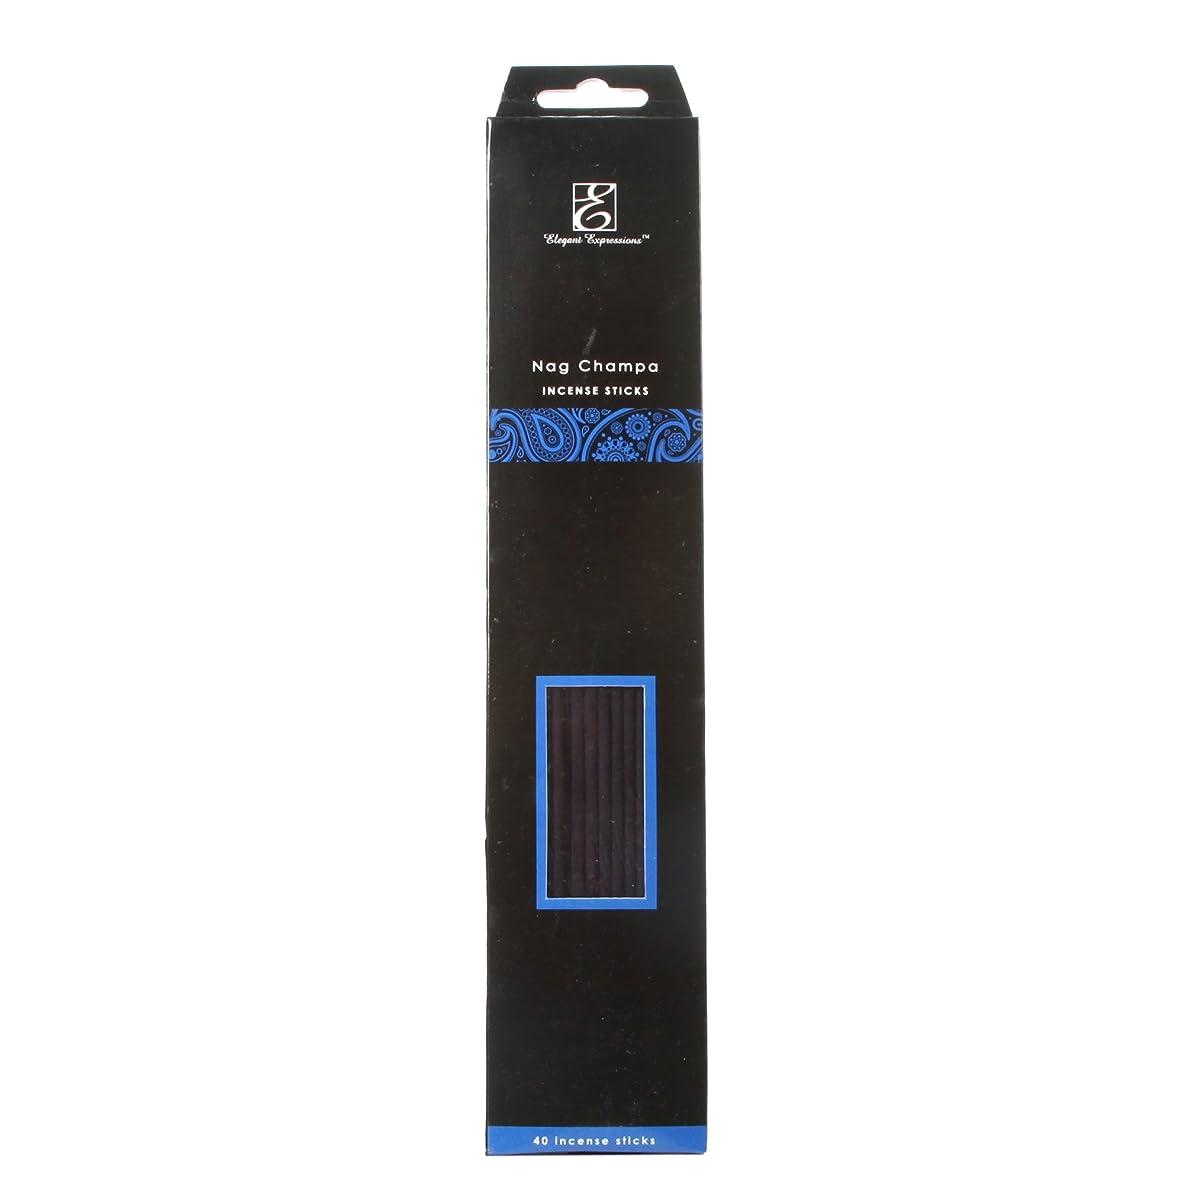 維持する遊びますとんでもないHosley Highly Fragranced Nag Champa Incense Sticks 240パック、Infused with Essential Oils。理想的なギフト、ウェディング、イベント、アロマセラピー、Spa,レイキ、瞑想、浴室設定w1